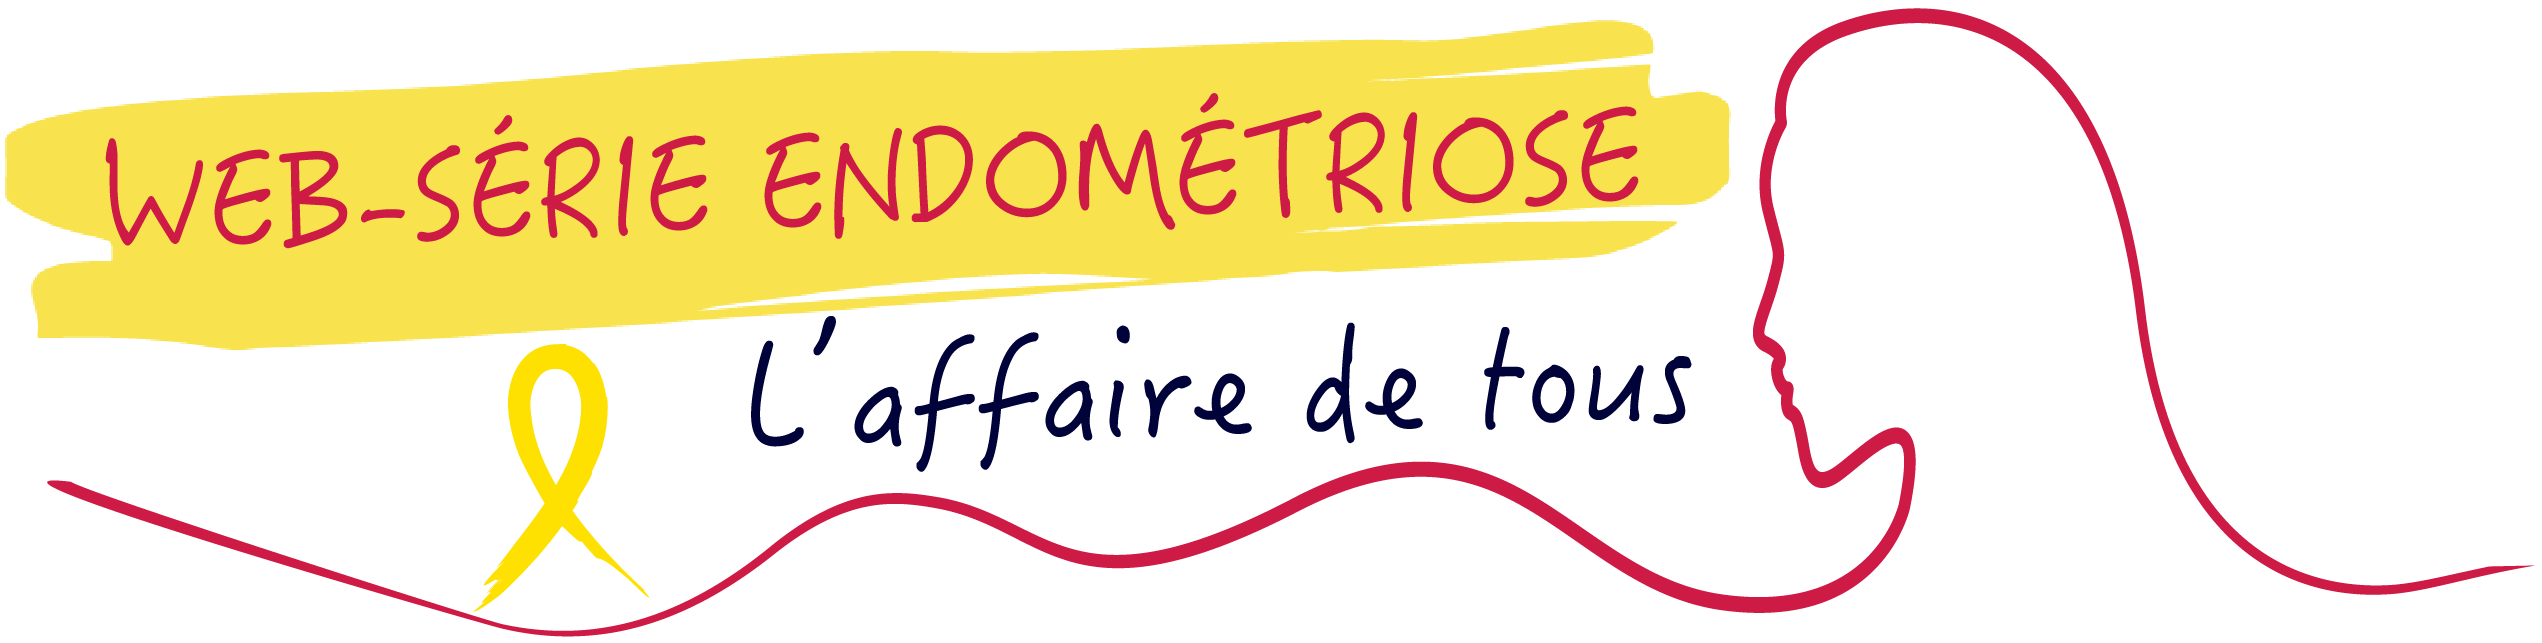 Logo Endométriose : Web série